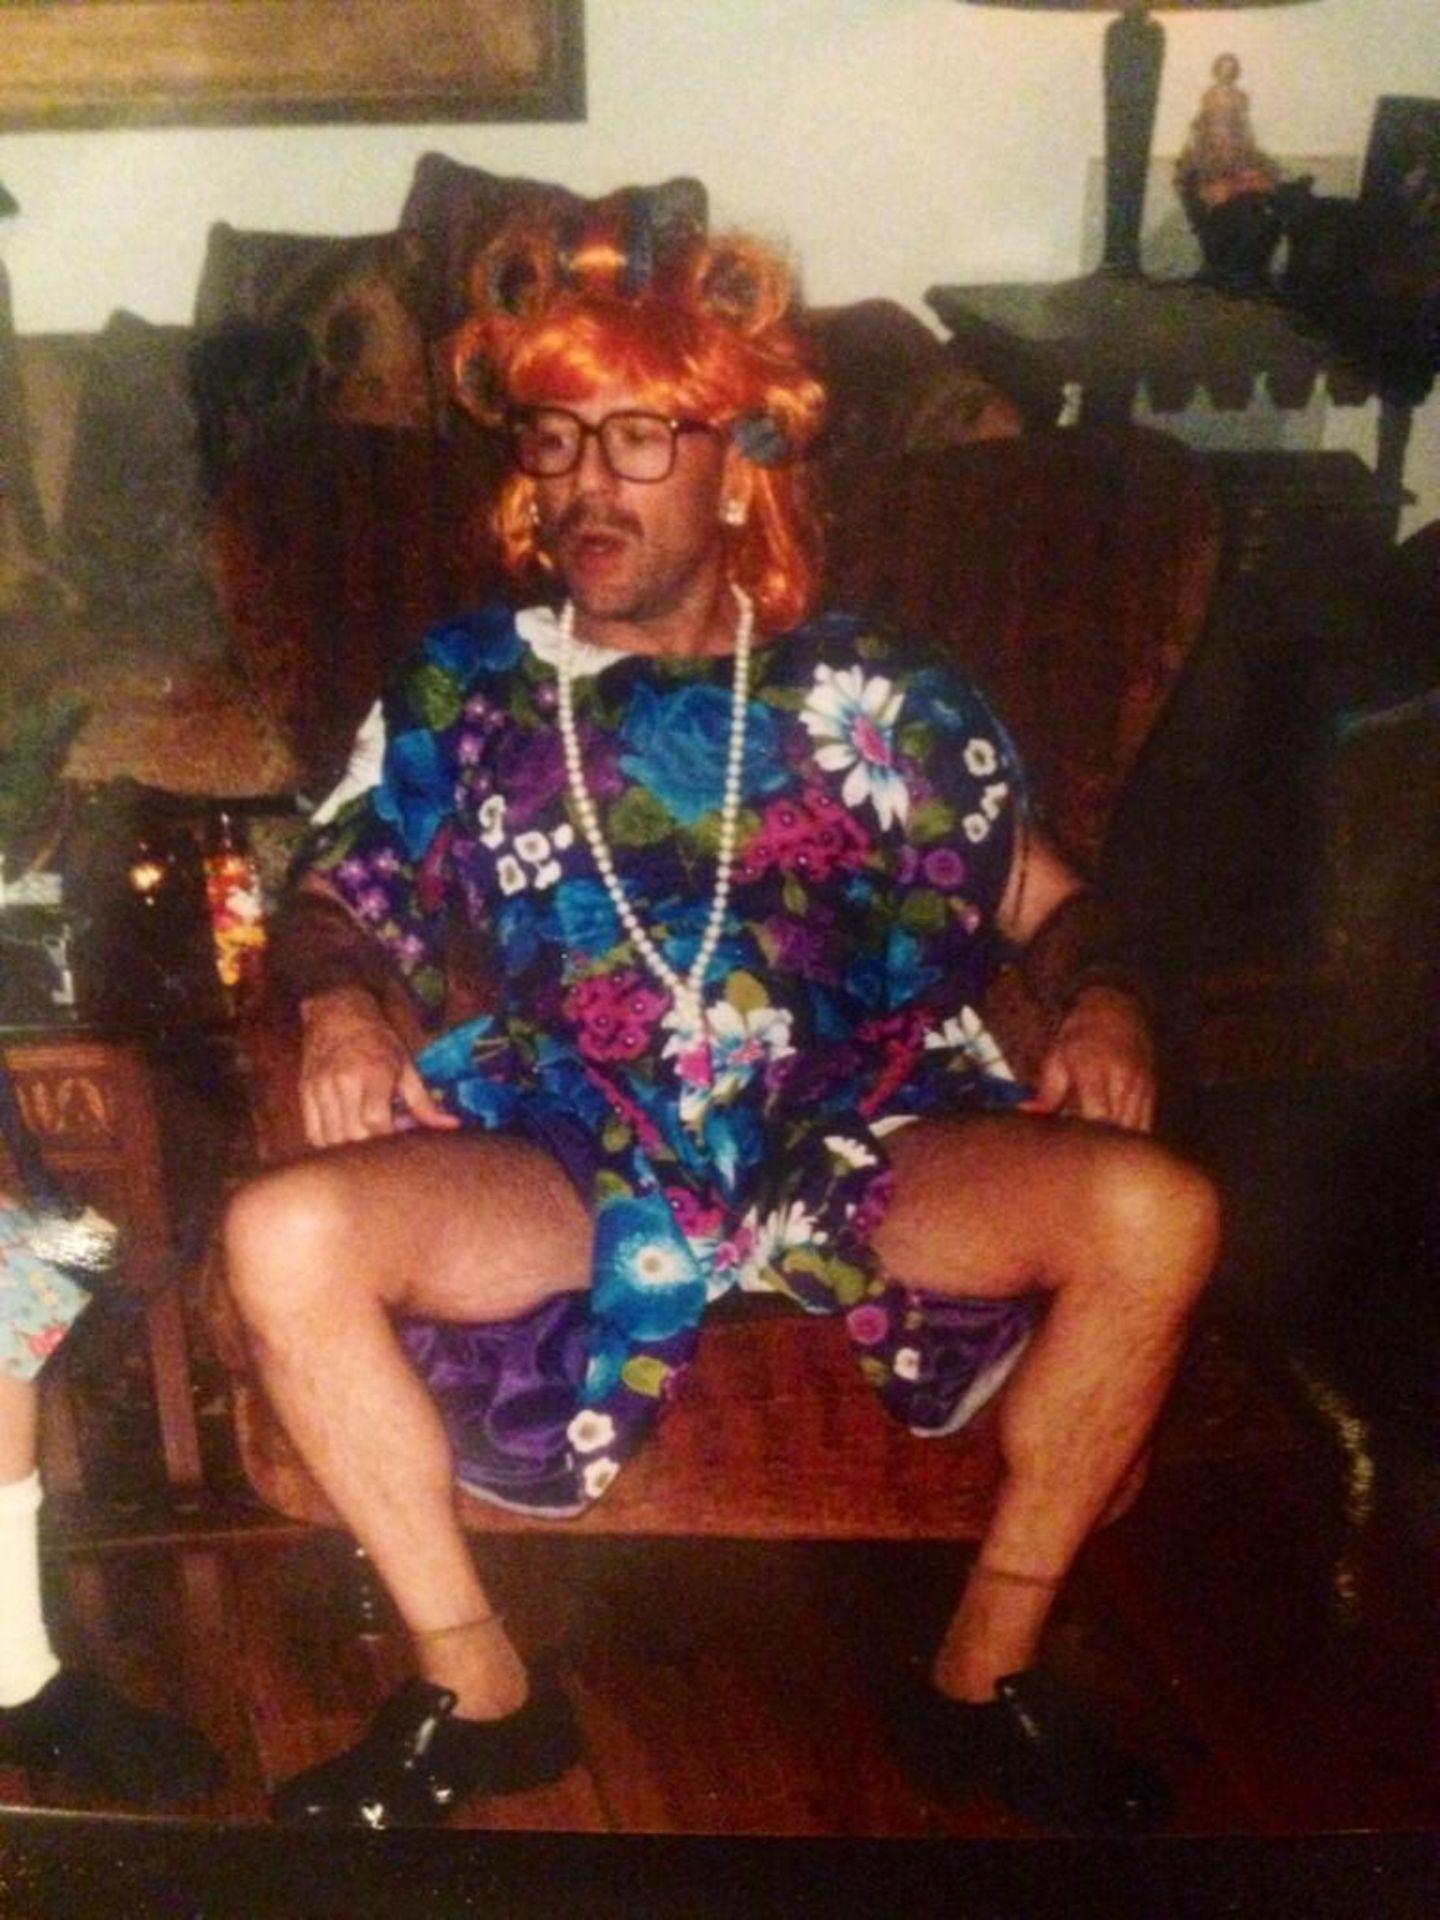 """Scout Willis twittert ein Bild ihres Vaters Bruce Willis in Frauenkleidung. Ihr Kommentar dazu """"Creator of 5 daughters""""."""